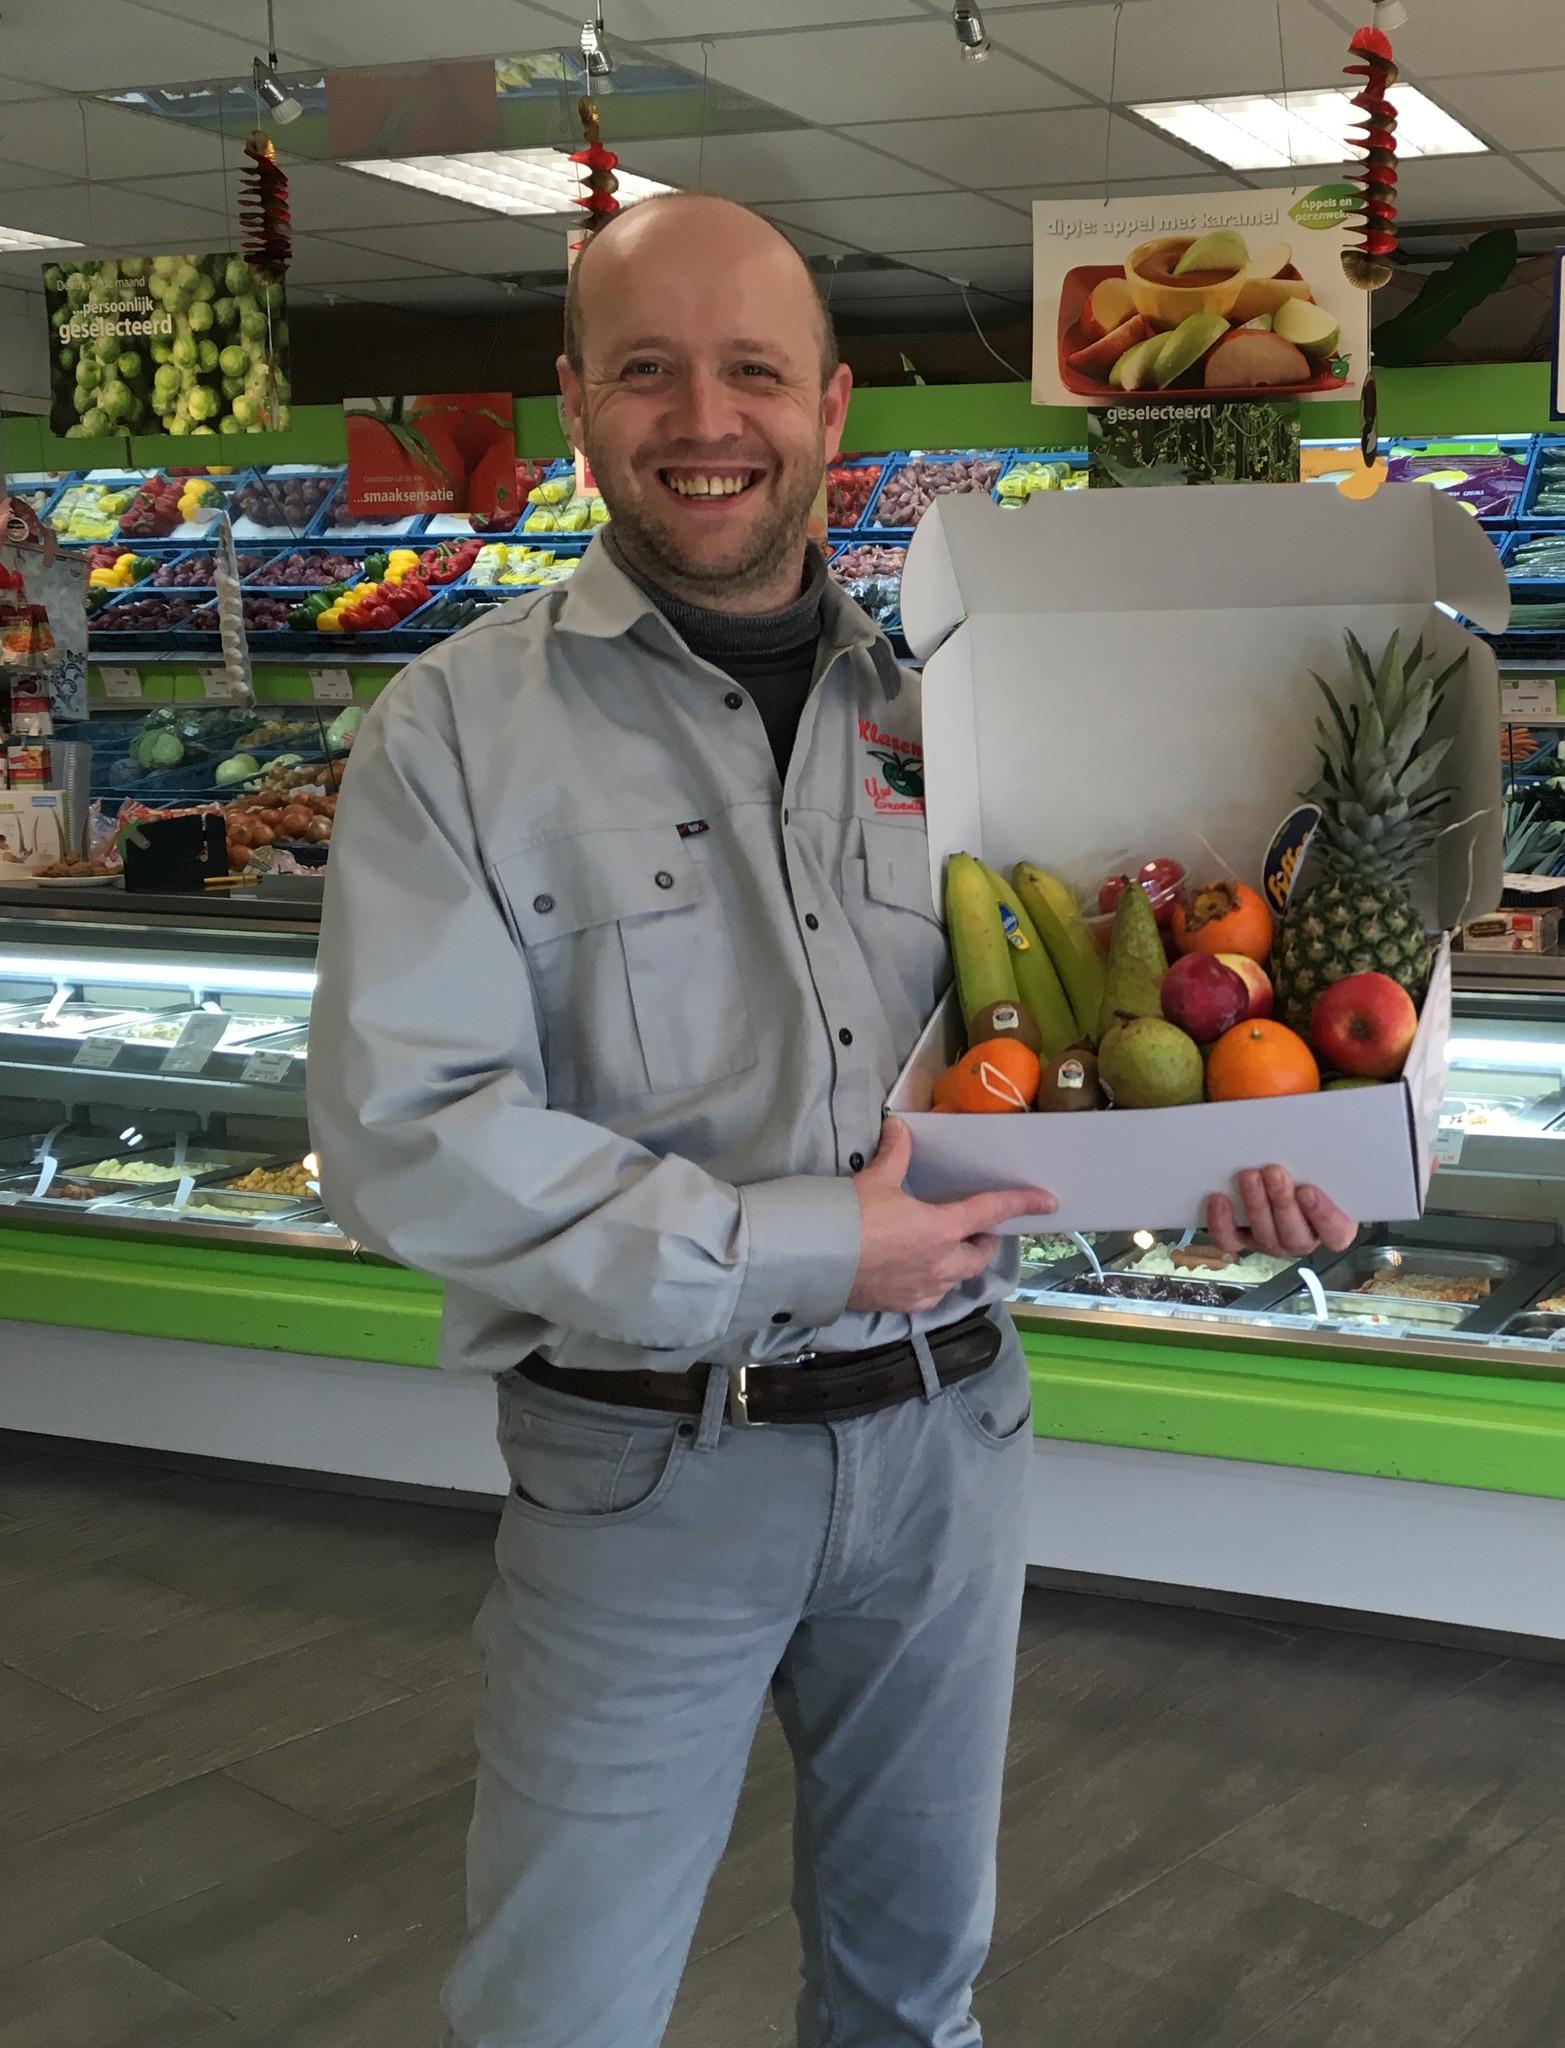 Fruitspecialist Roy Klasens